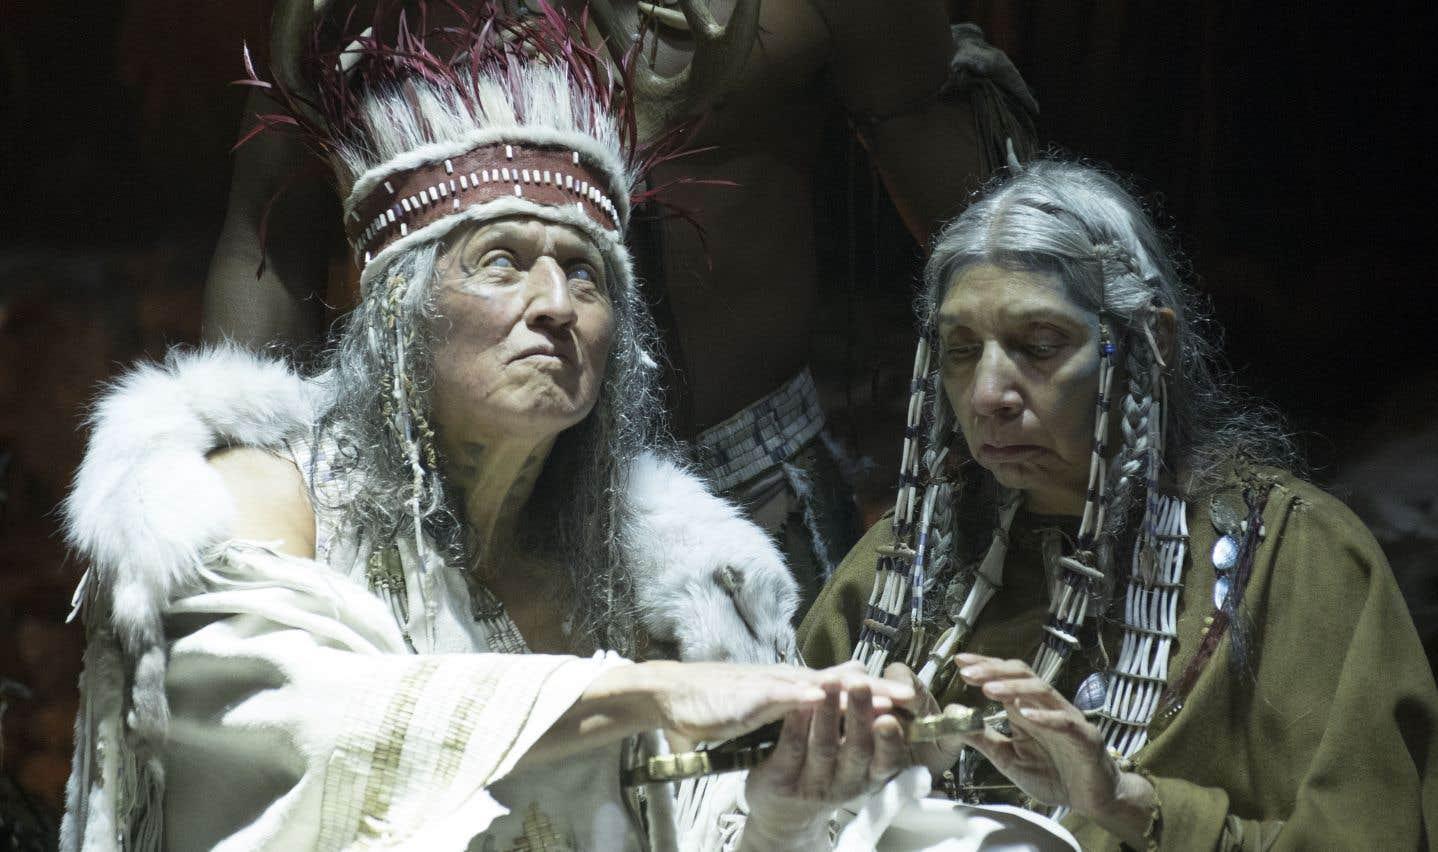 Film de la quête identitaire, c'est aussi un film de la réconciliation, chaque sous-récit, passé(s) et présent confondus, présentant une situation de métissage.